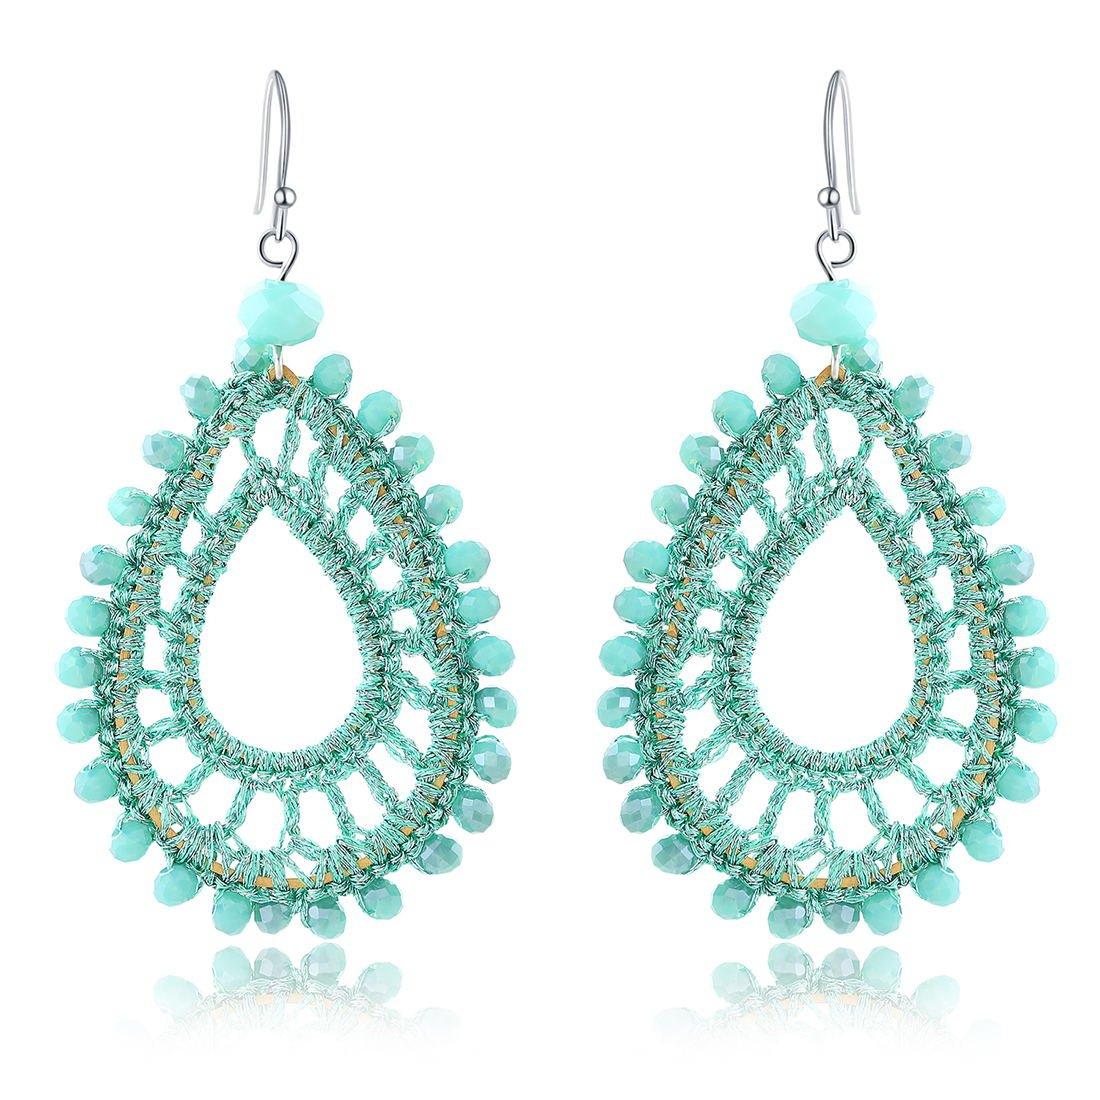 X&WILL Handmade Crochet Dangle Earrings for Women Bohemian Jewelry Teardrop